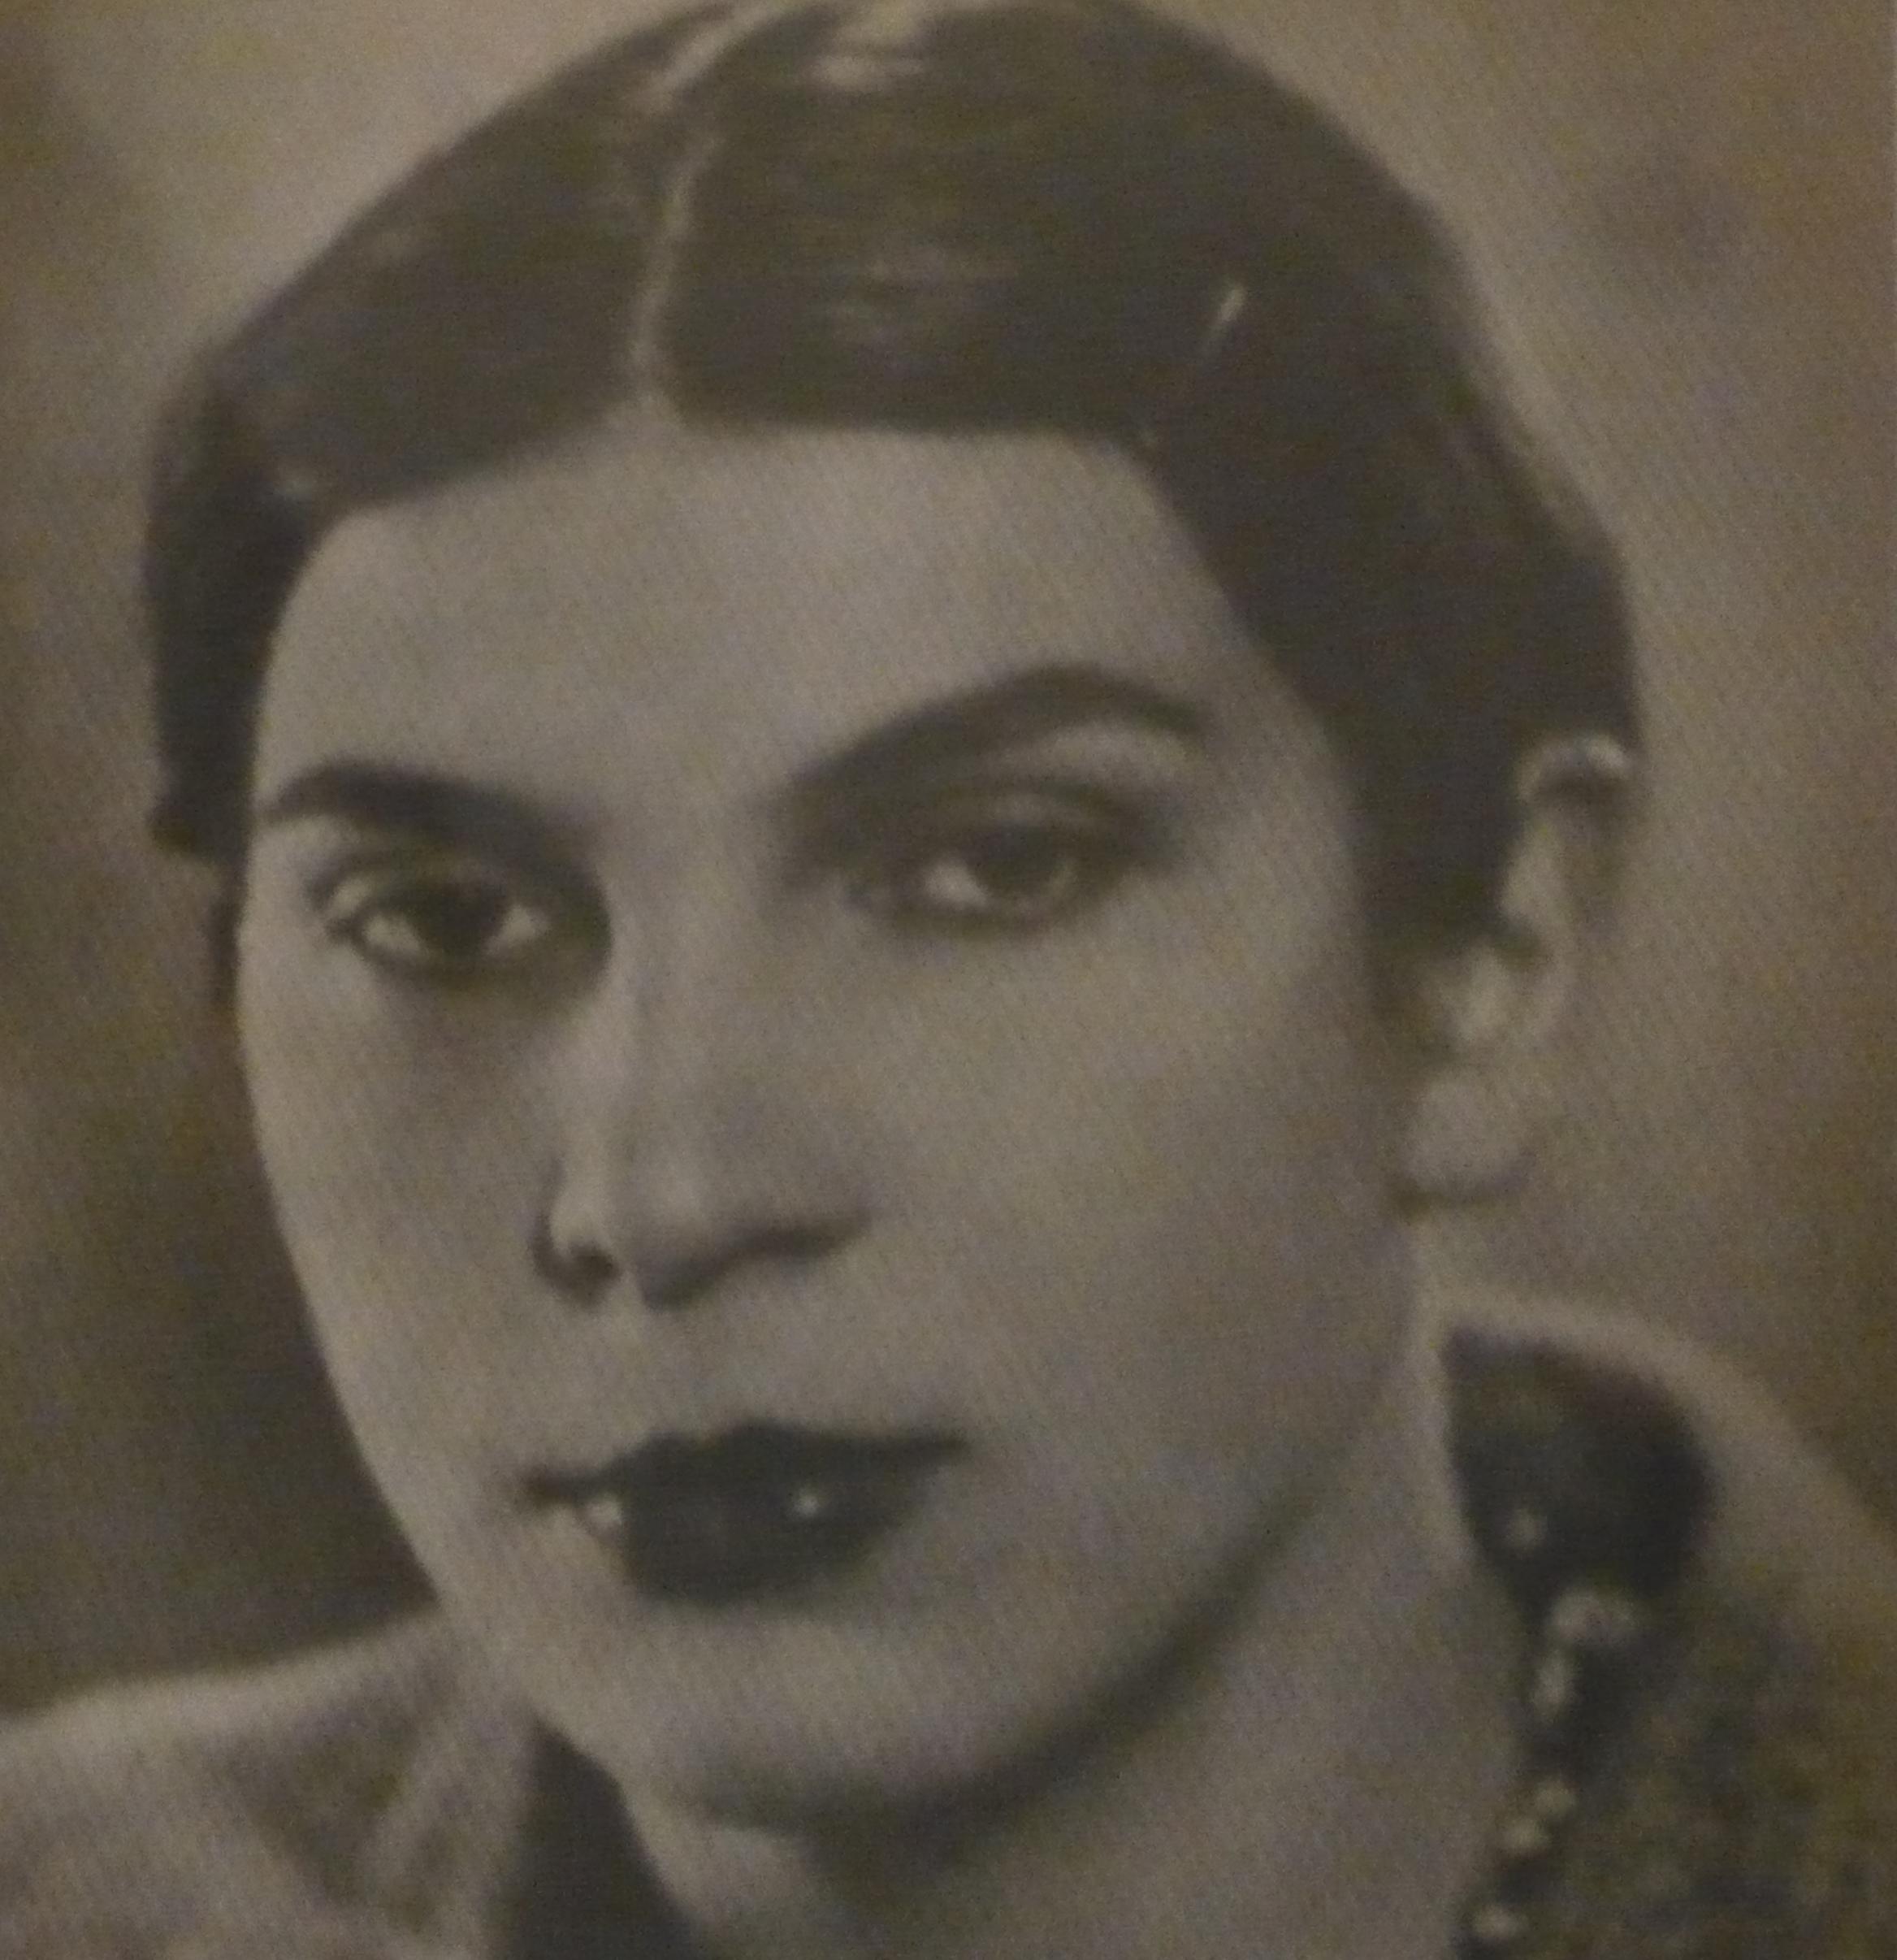 Krystyna Żołędziowska z domu Lamparska (1911-1944), zdjęcie udostępnione przez córka panią Krystynę Jolantę Sarosiek